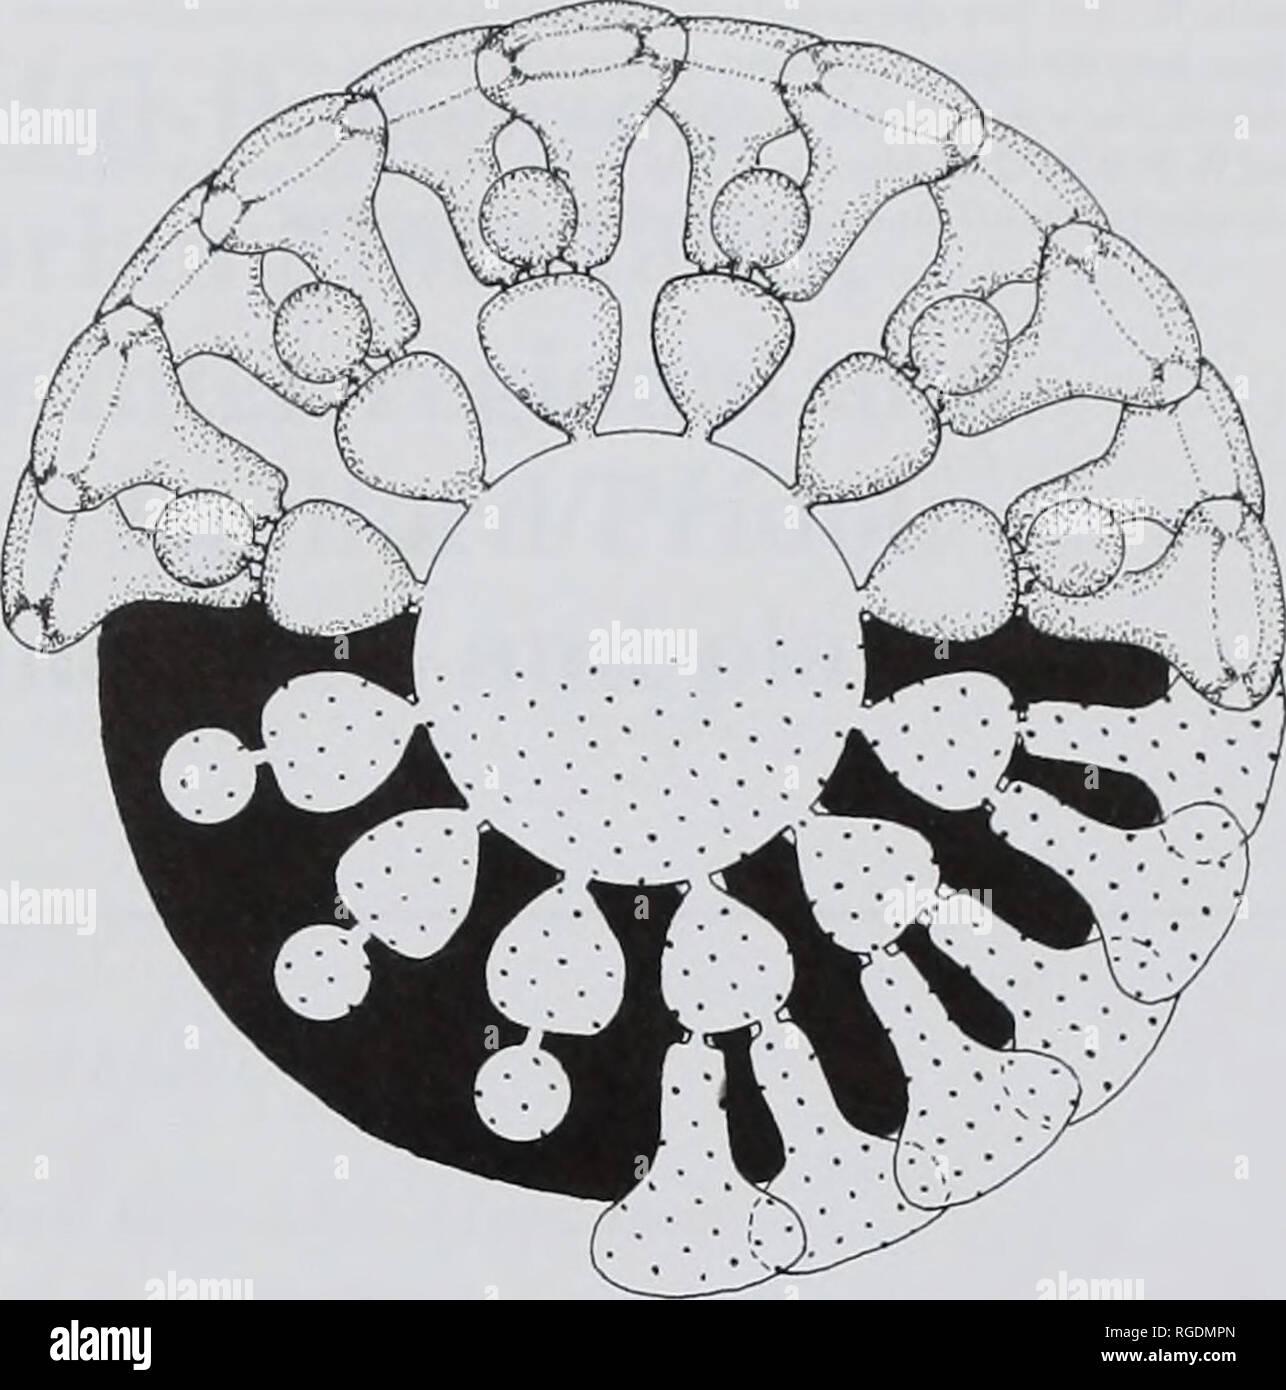 . Bollettino della Naturale Museo Histort. Geologia serie. Affinità sistematiche di ACROPORELLA ASSURBANIPALI 113 la variabilità oftlie specie e alcuni caratteri qualitativi come la forma di tallo, lateral e organi riproduttivi avrebbe richiesto più abbondante materiale. Il tallo è apparentemente cilindrico e semplice. Lateral primario sono disposti a chiudere moderatamente vortici. La loro posizione tra i vortici, alternati o in continuità, non è evidente. Tuttavia essi sono phloiophorous e piuttosto forti, quasi perpendicolare all'asse dello stelo. La sezione trasversale dei pori primario è Foto Stock